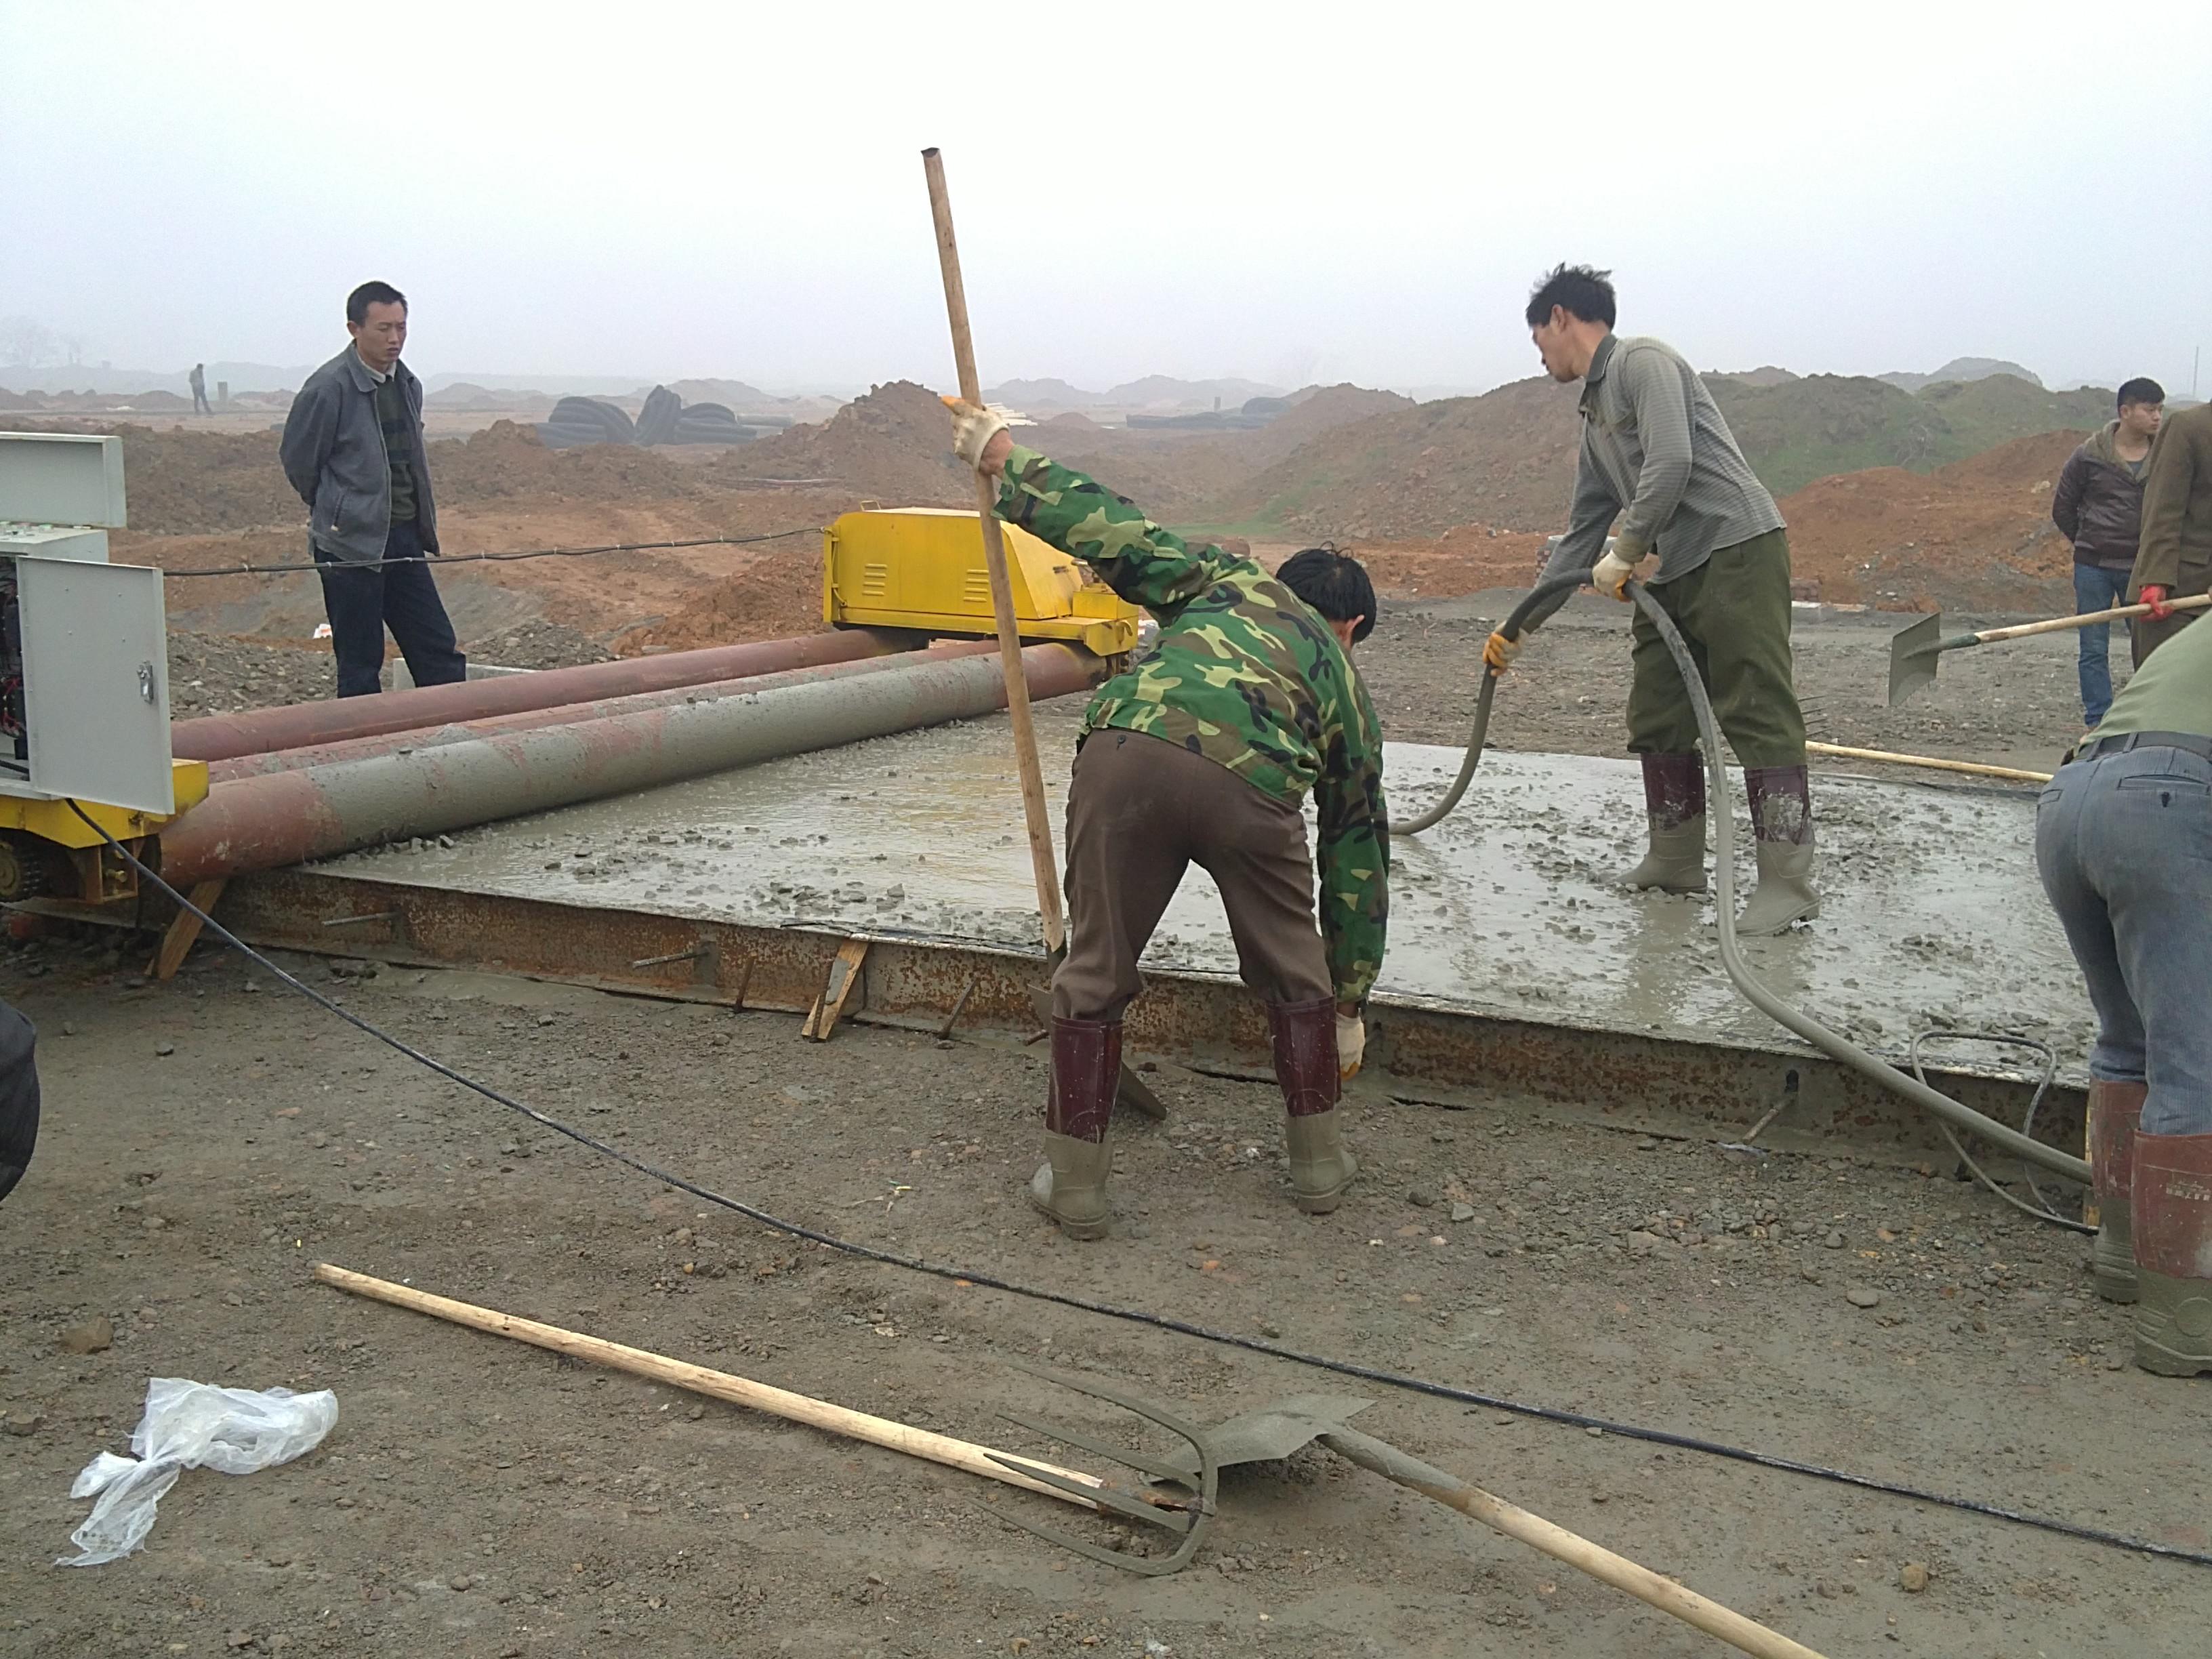 关于水凝混凝土路面施工的问题?